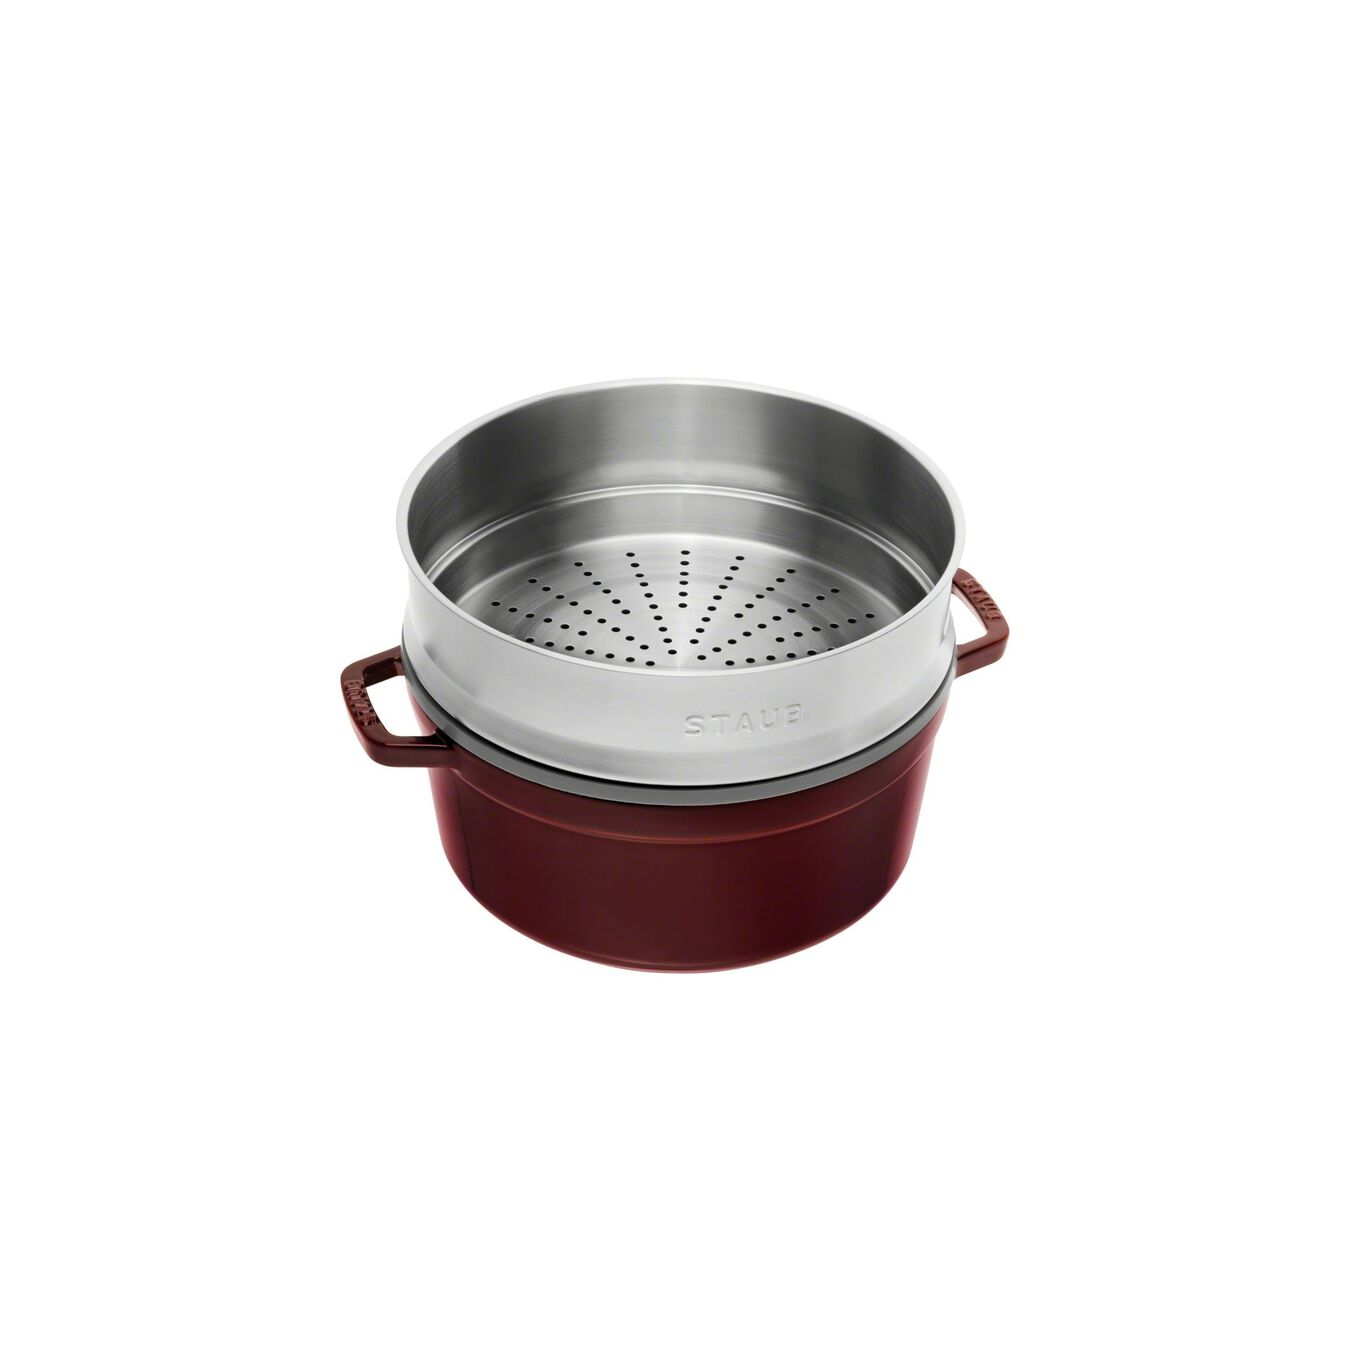 Cocotte con cestello a vapore rotonda - 26 cm, granatina,,large 3